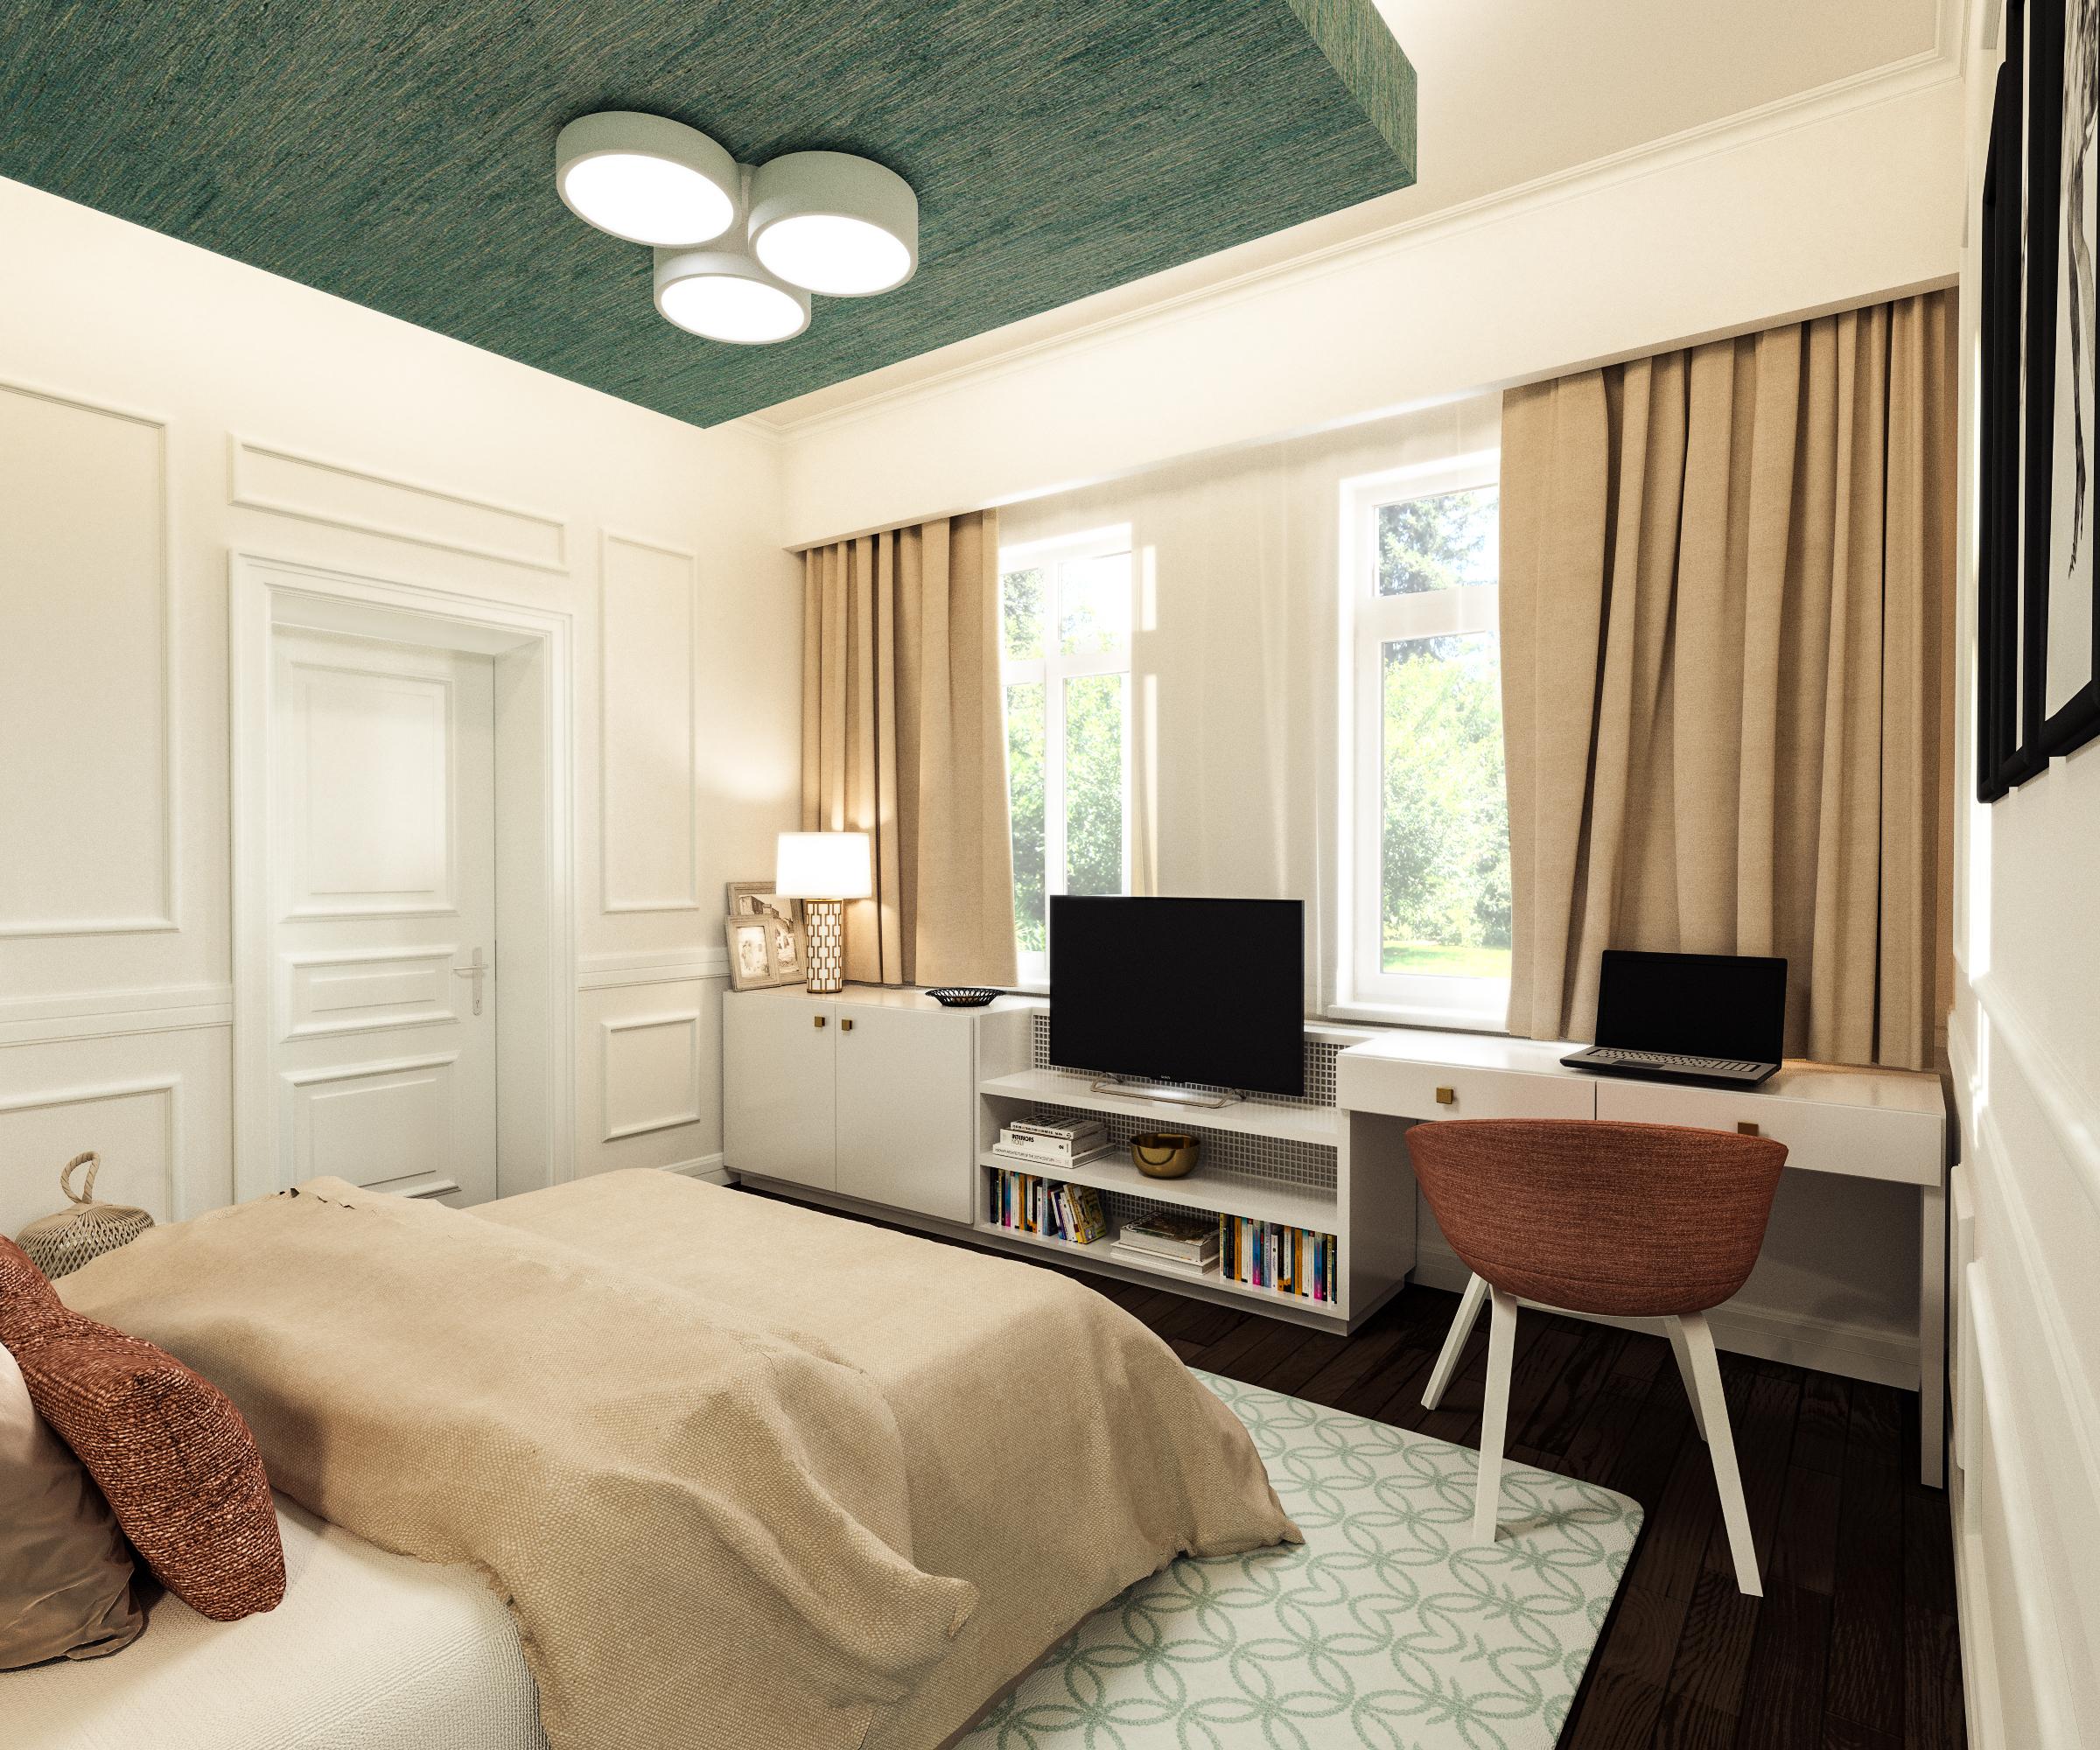 dormitor-fata02